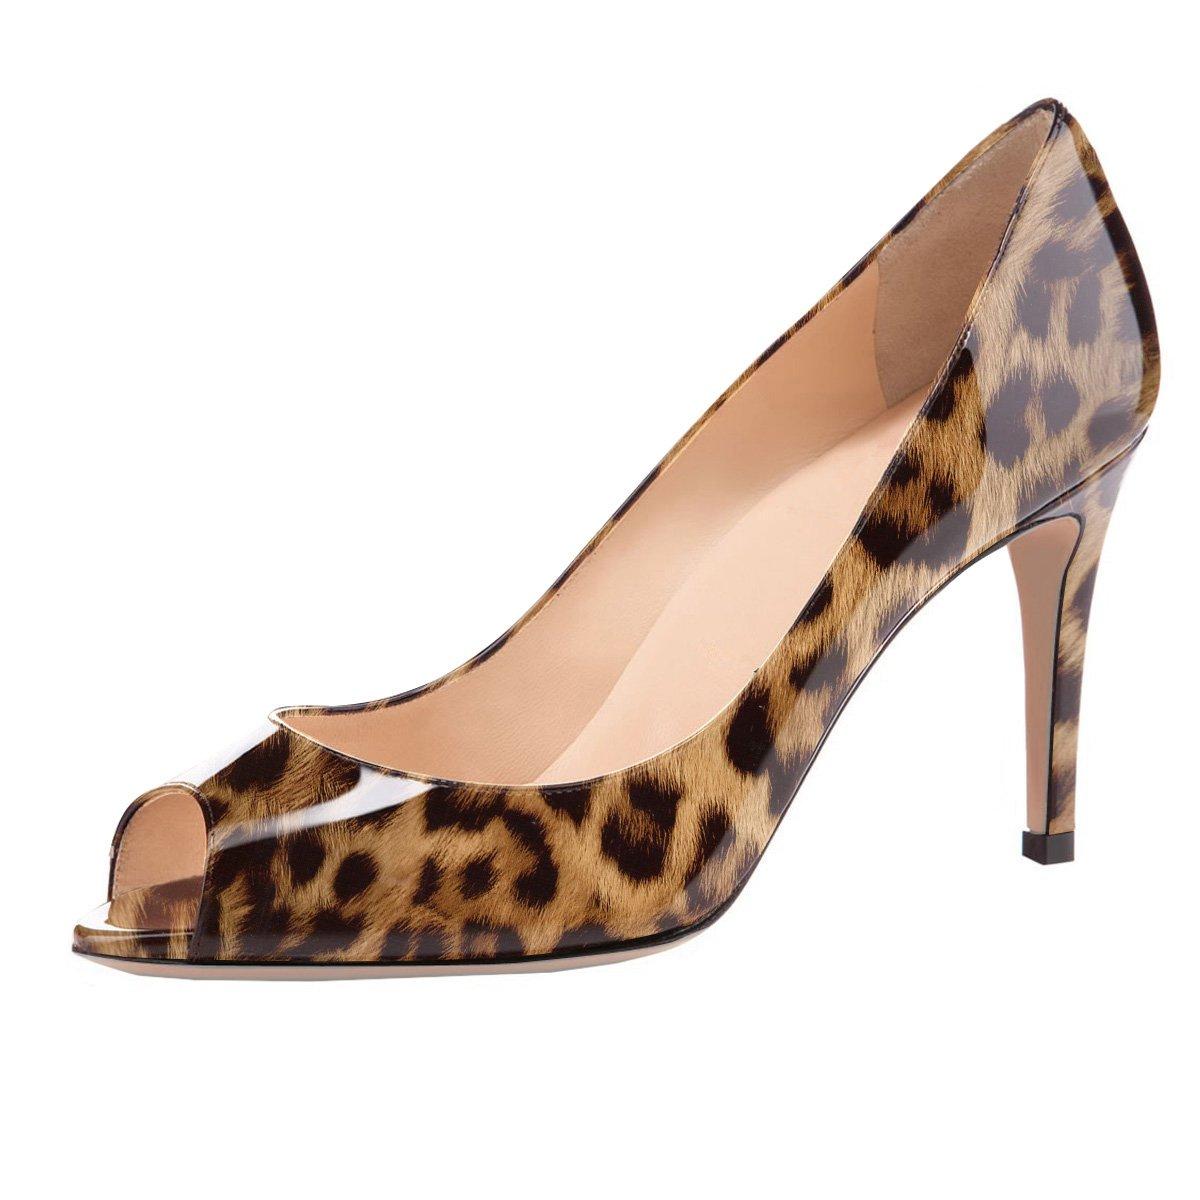 Eldof Women Peep Toe Pumps Mid-Heel Pumps Formal Wedding Bridal Classic Heel Open Toe Stiletto B07F1PPXN9 8 B(M) US|Leopard